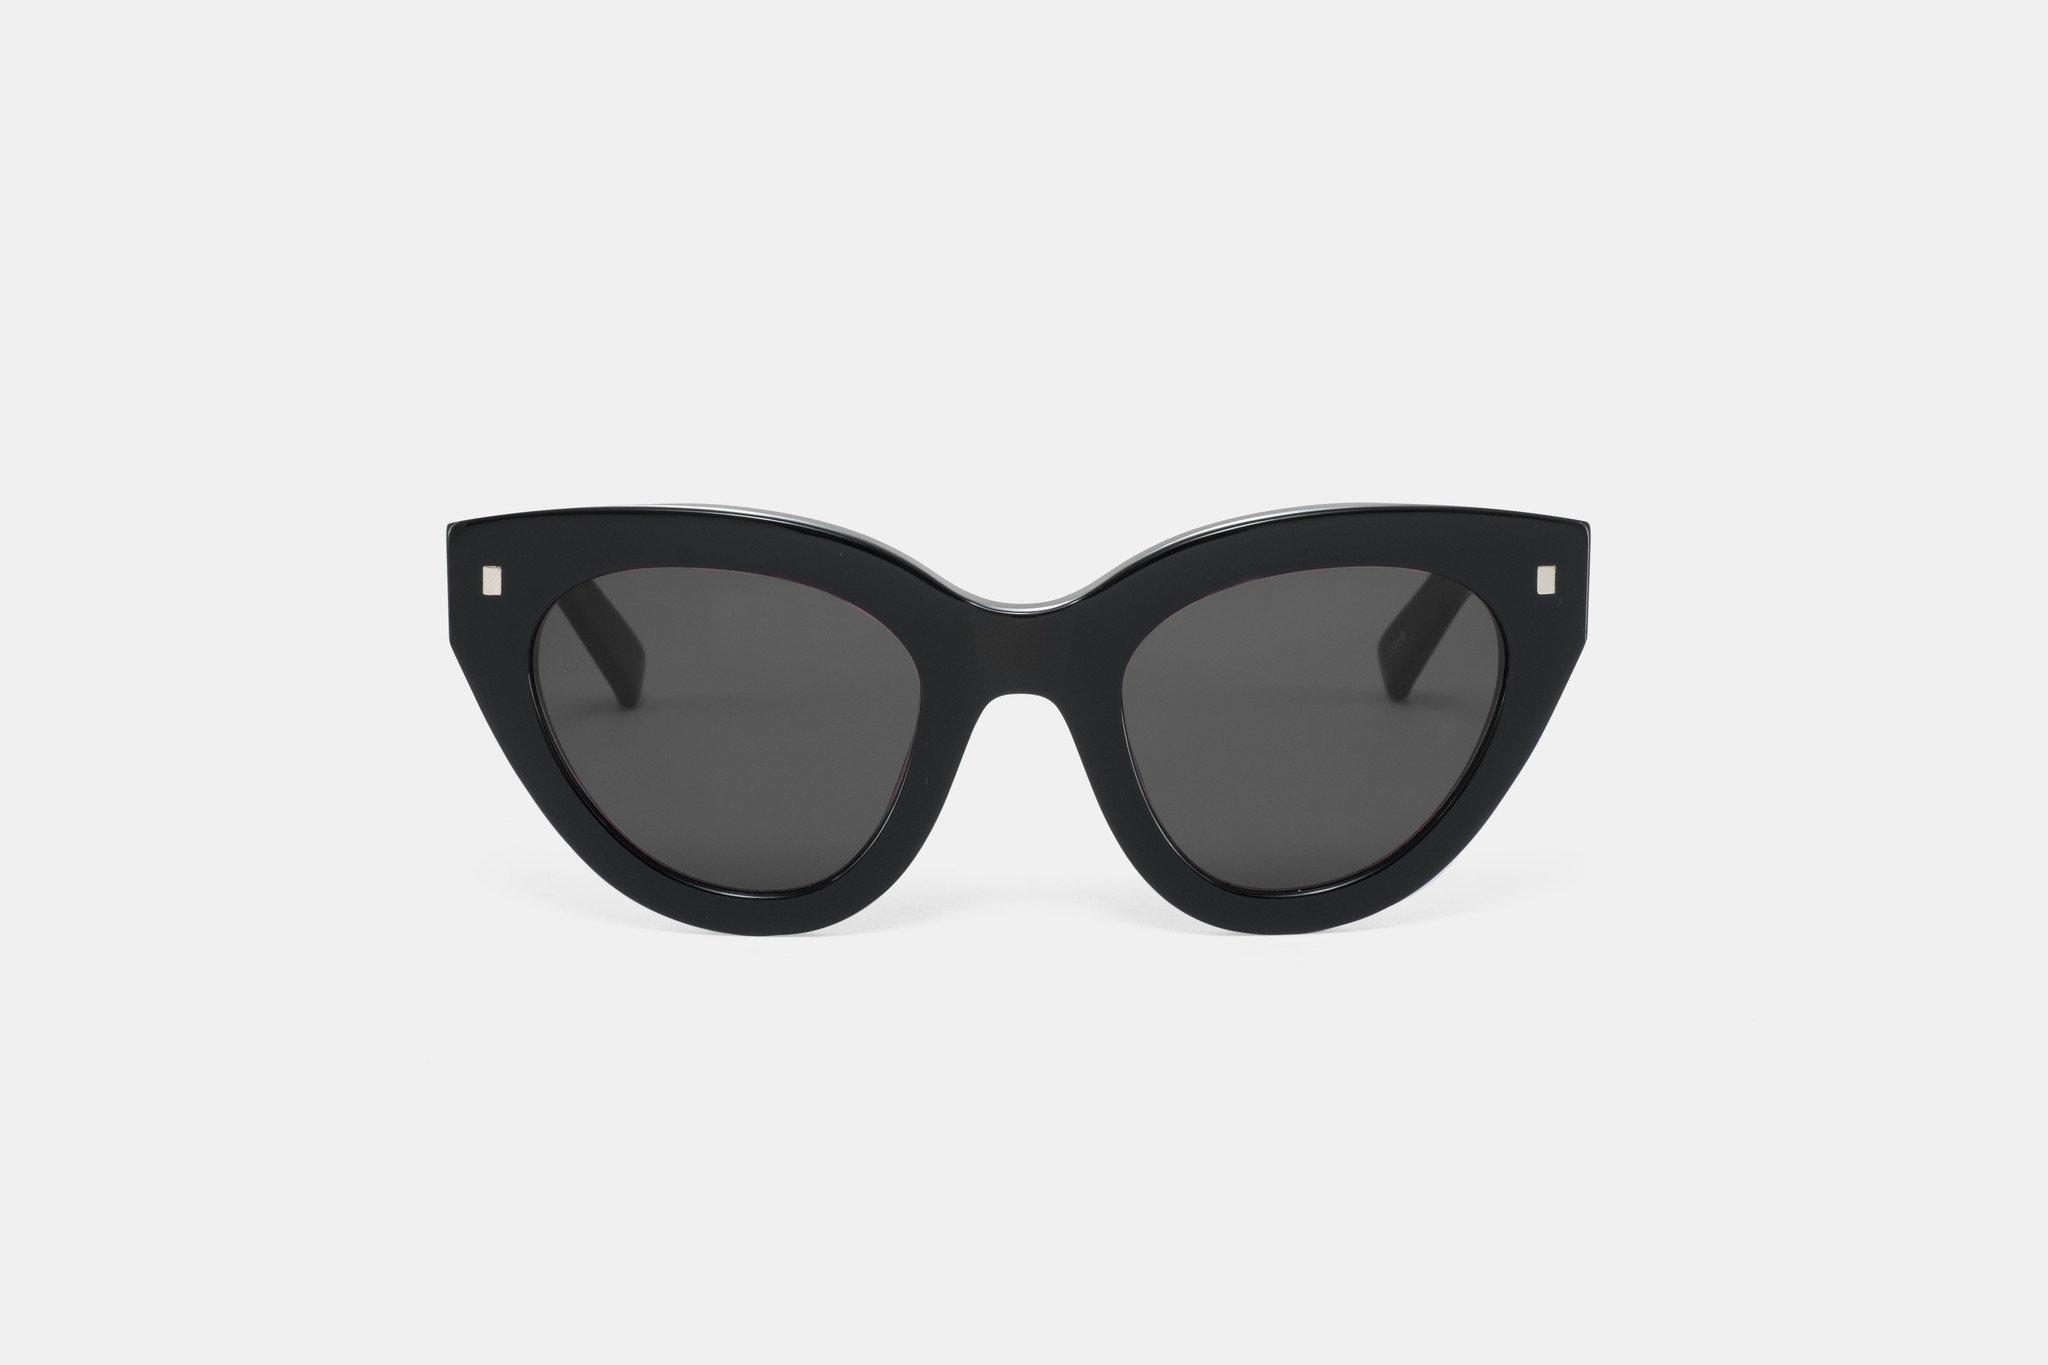 38460a2c1d Trouva  Neko Black Unisex Sonnenbrillen